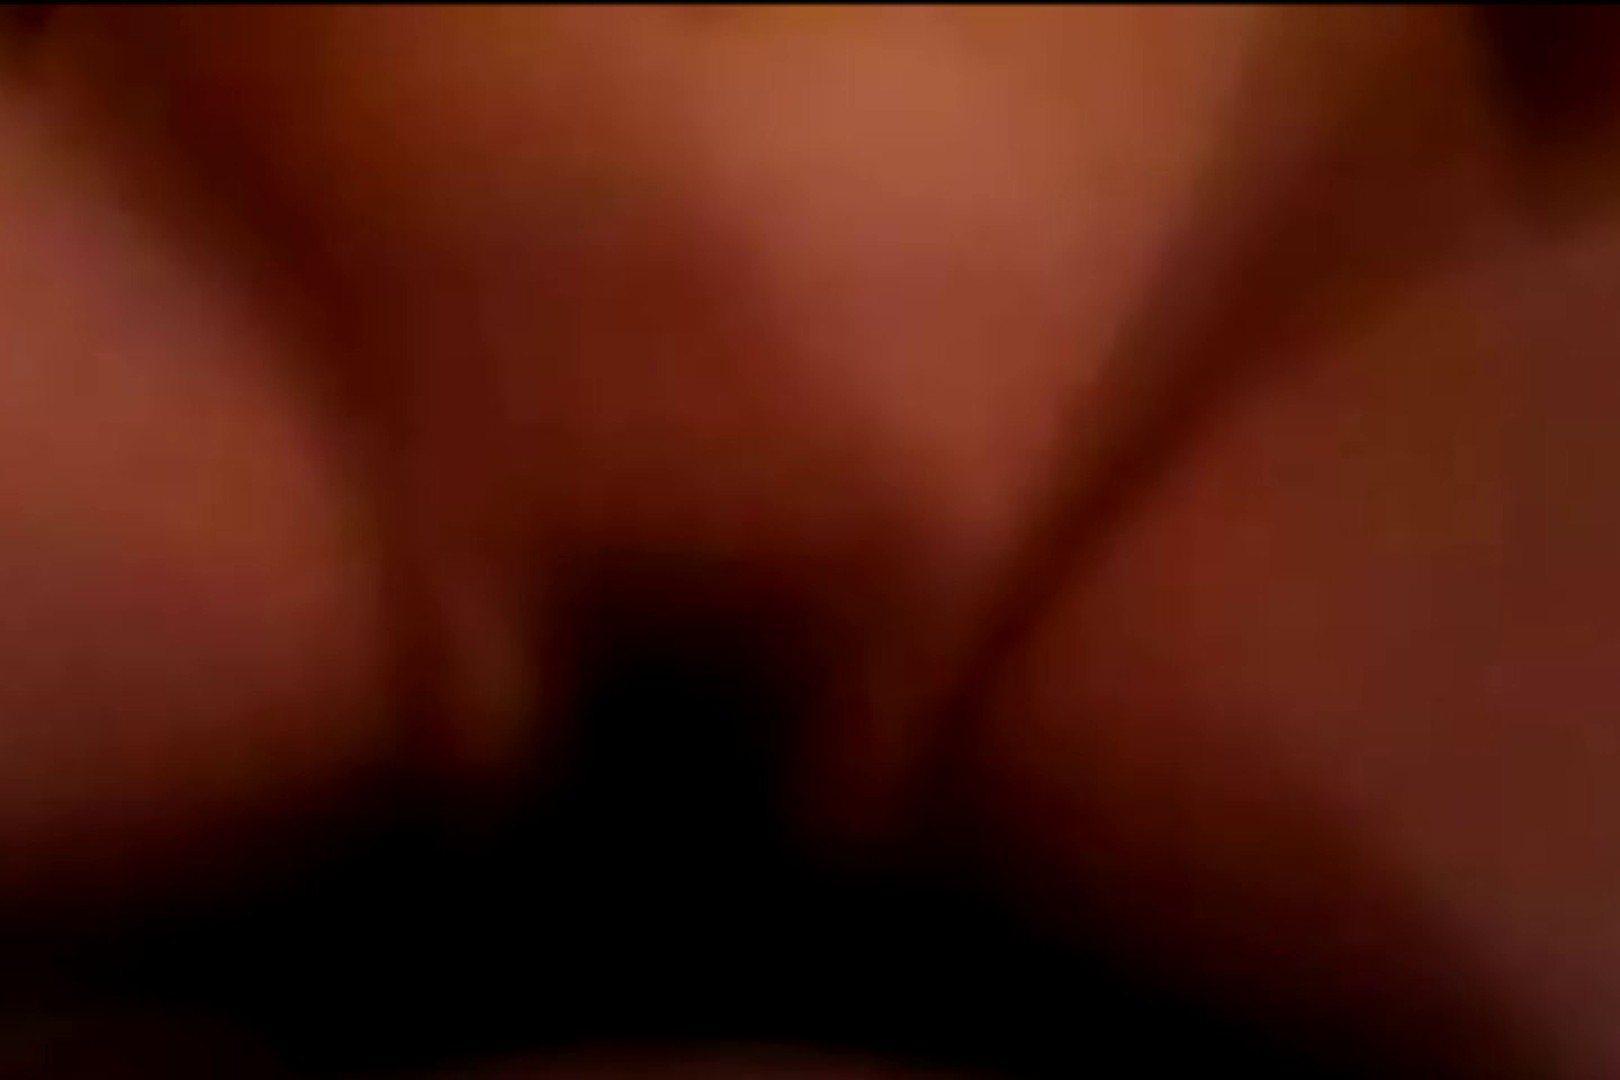 仁義なきキンタマ YAMAMOTOのアルバム フェラチオ特集  66pic 66